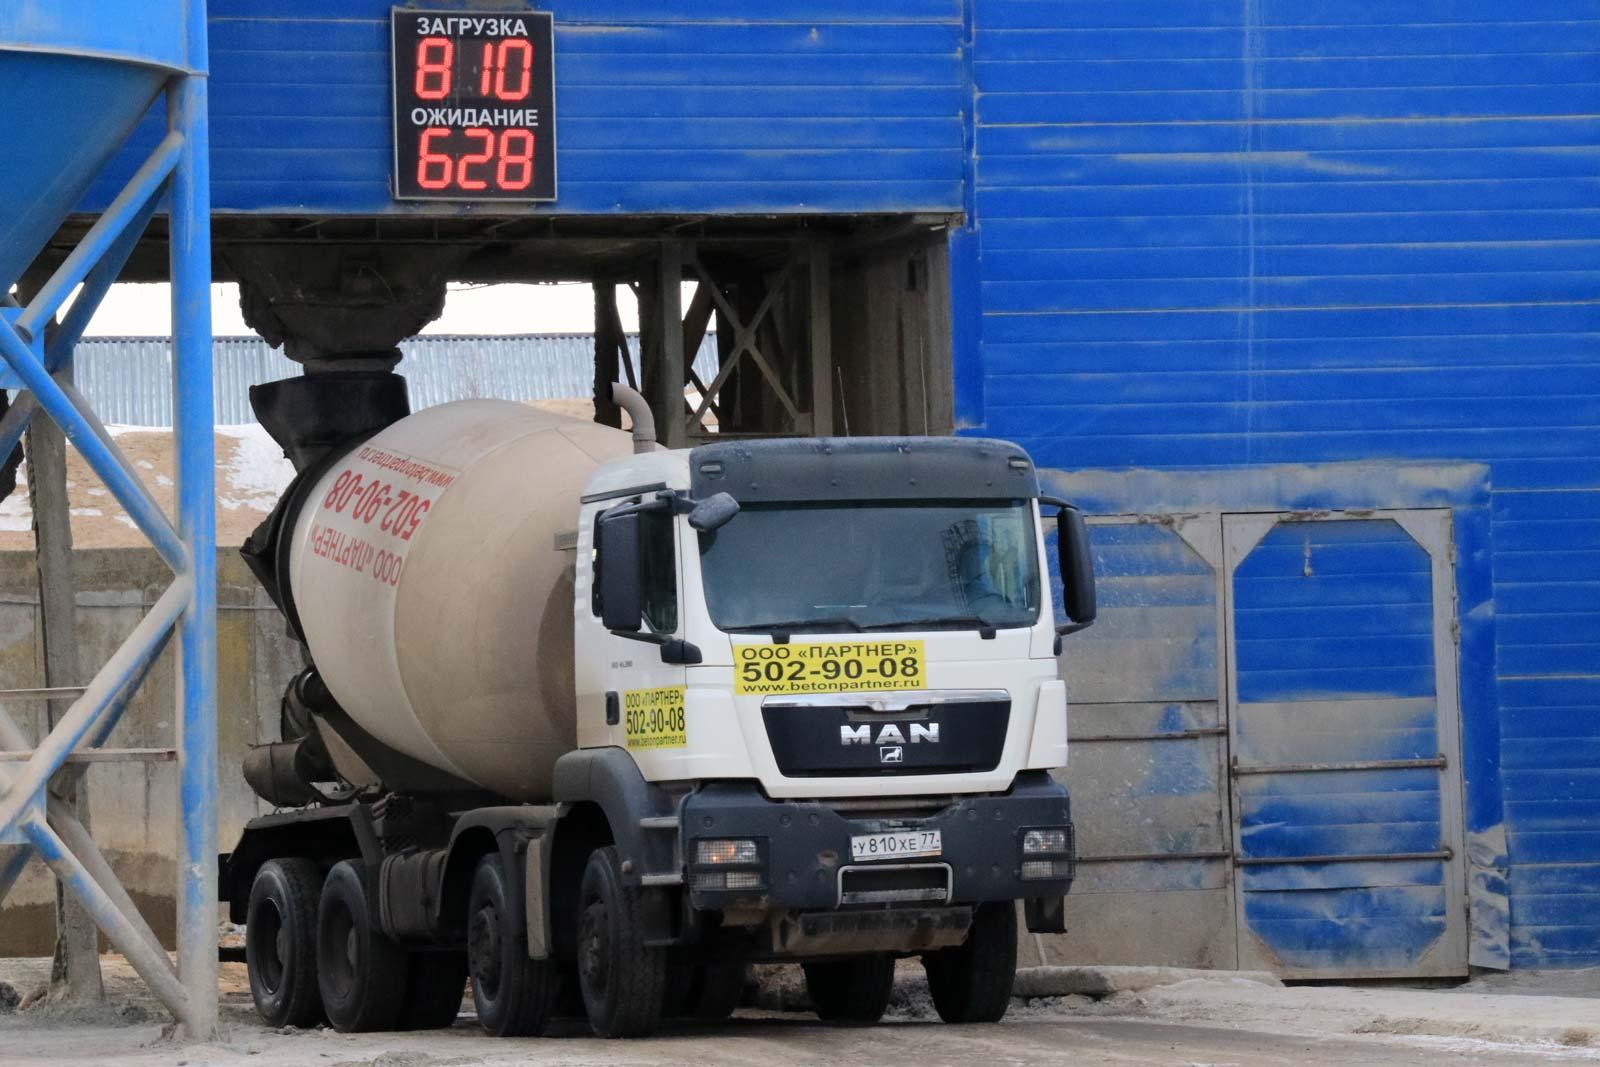 Партнер бетон завод бетон смеси купить хабаровск